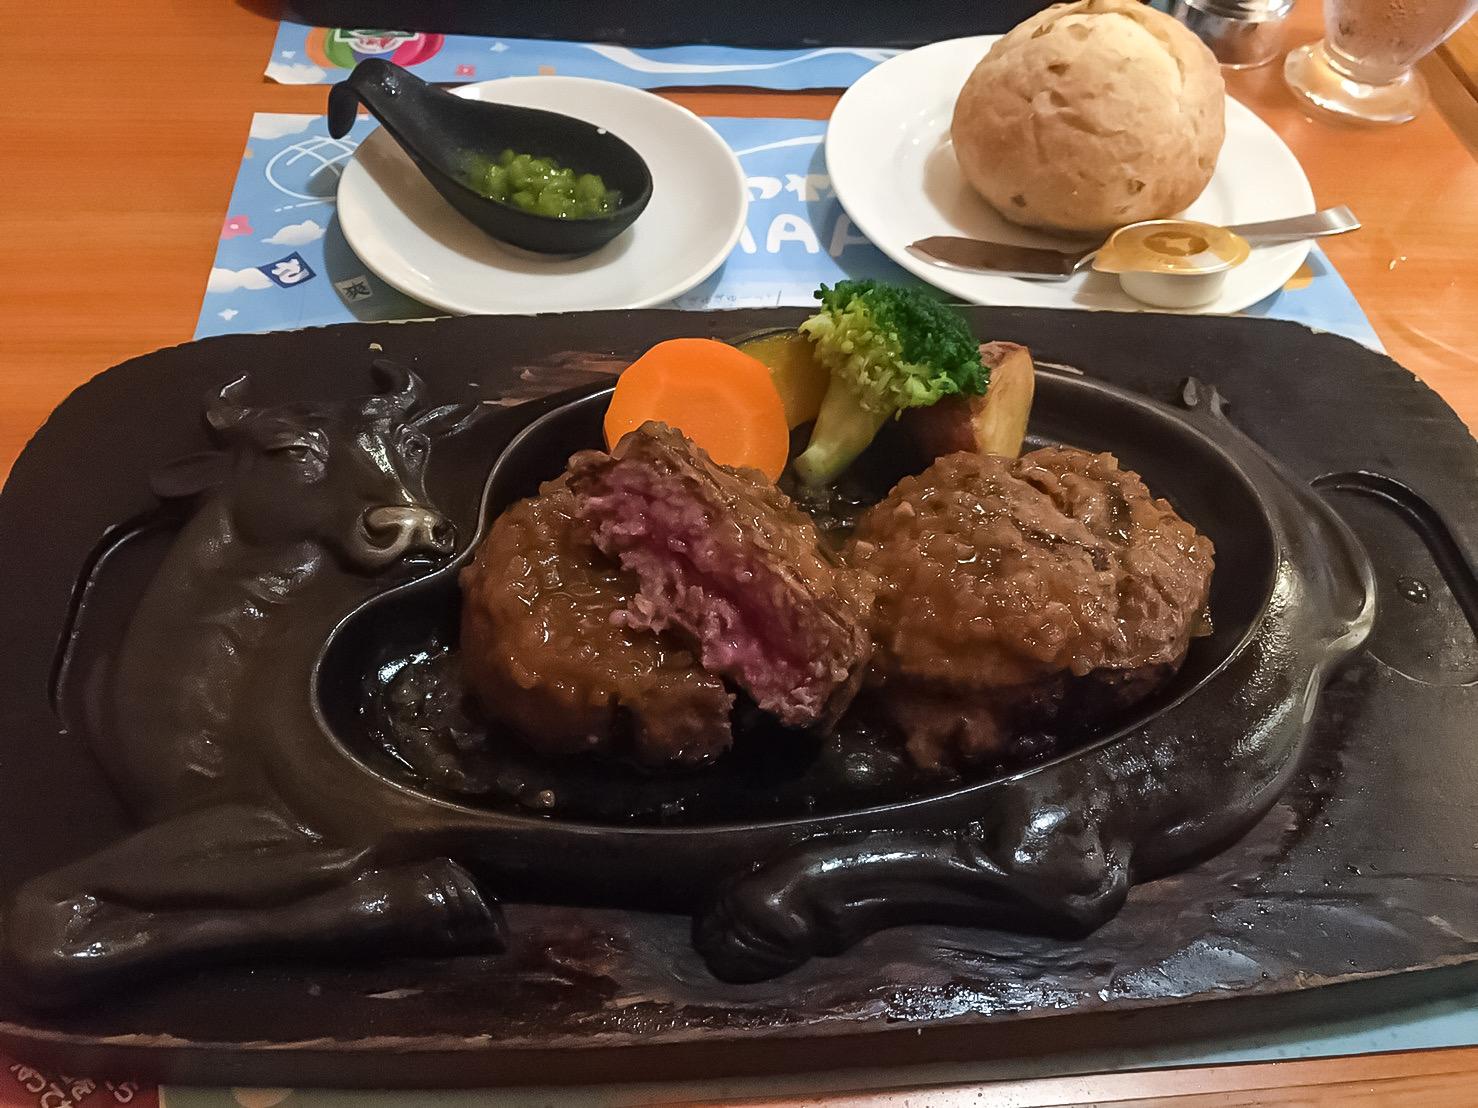 静岡のおすすめグルメ!炭火で焼く『さわやか』のげんこつハンバーグ